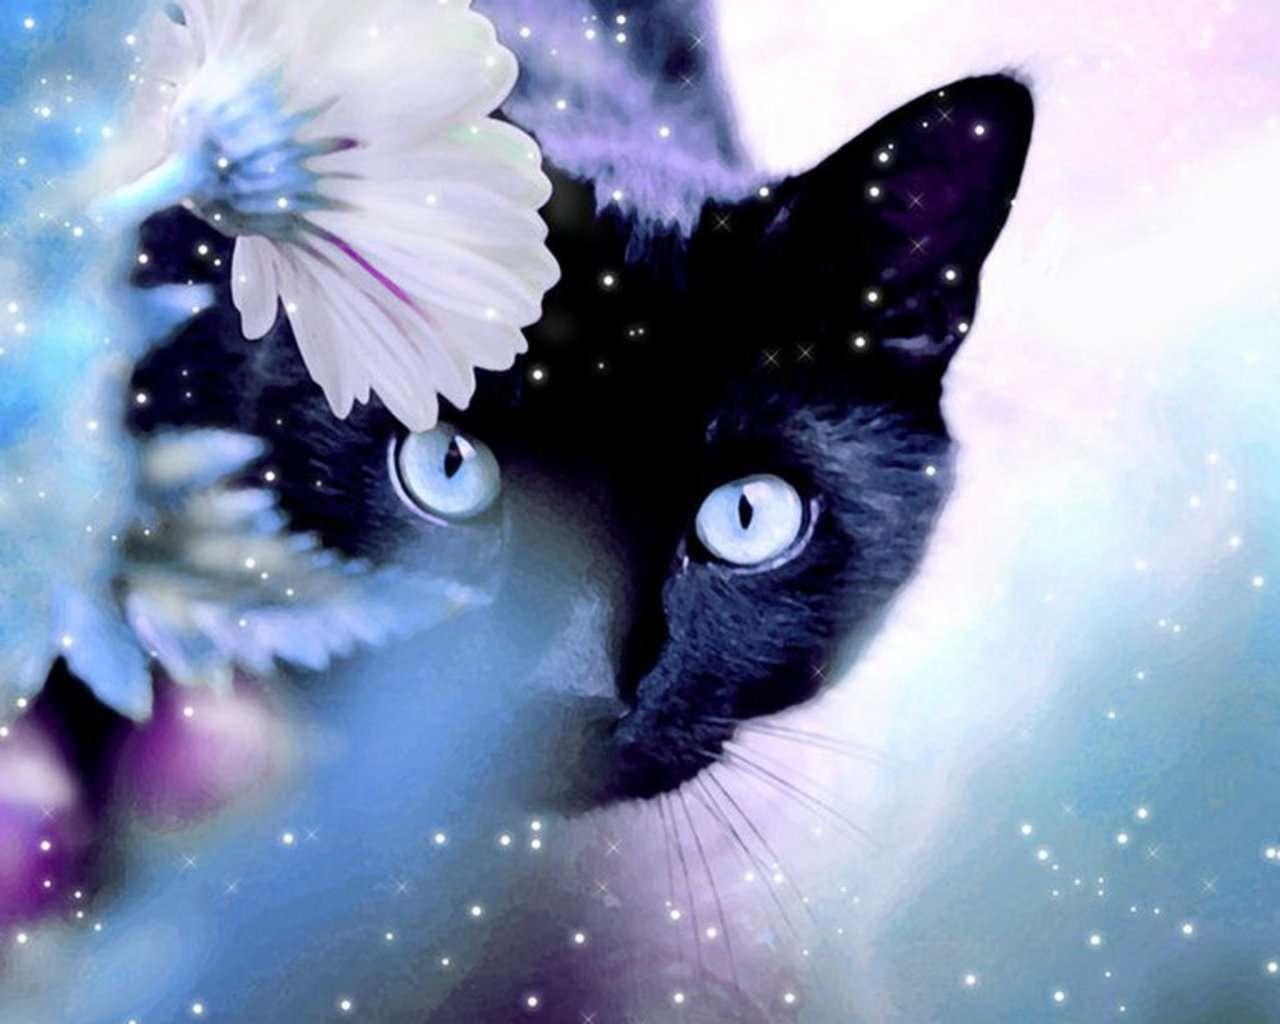 Cat Wallpaper 135